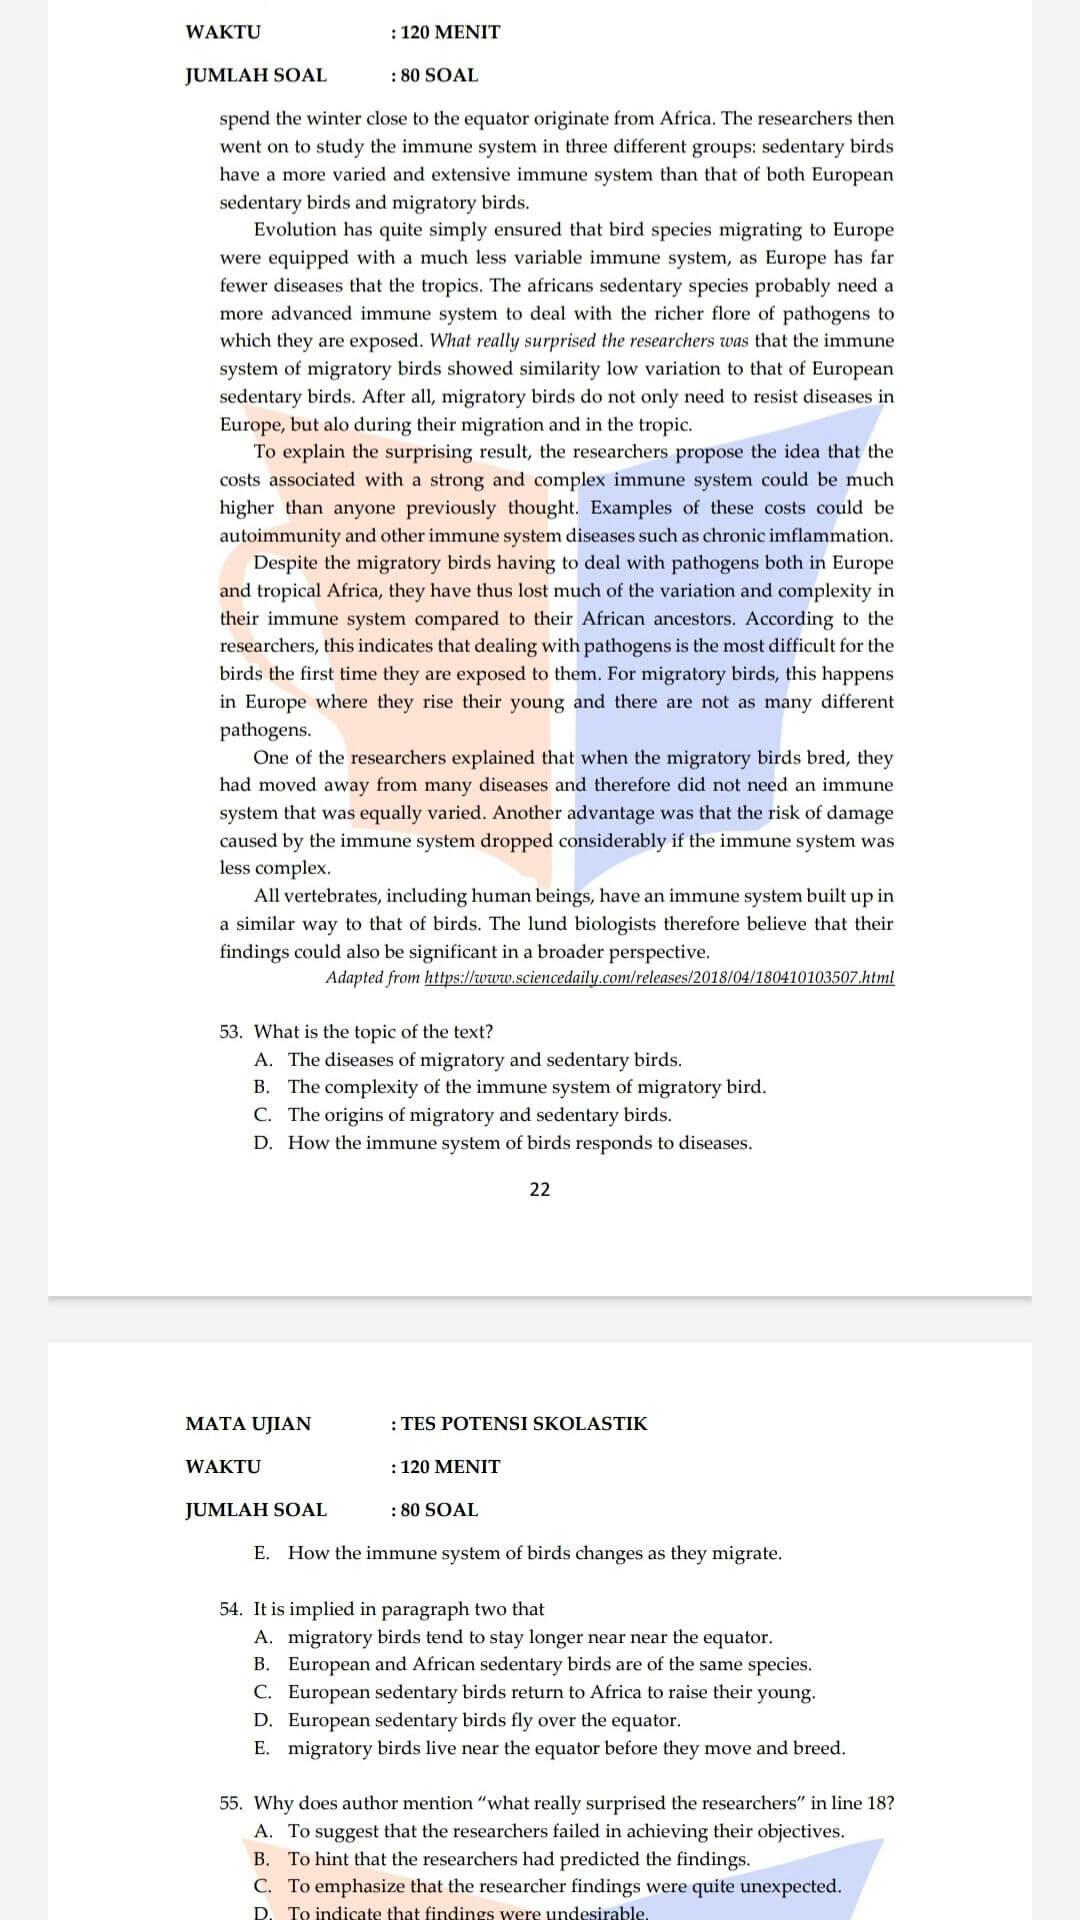 Screenshot Edisi 9 - 16 C